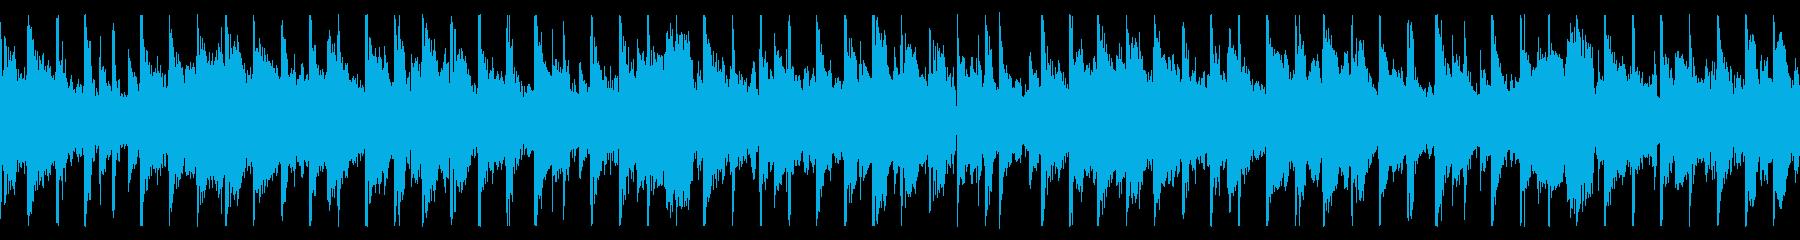 ローファイなチルBGMの再生済みの波形